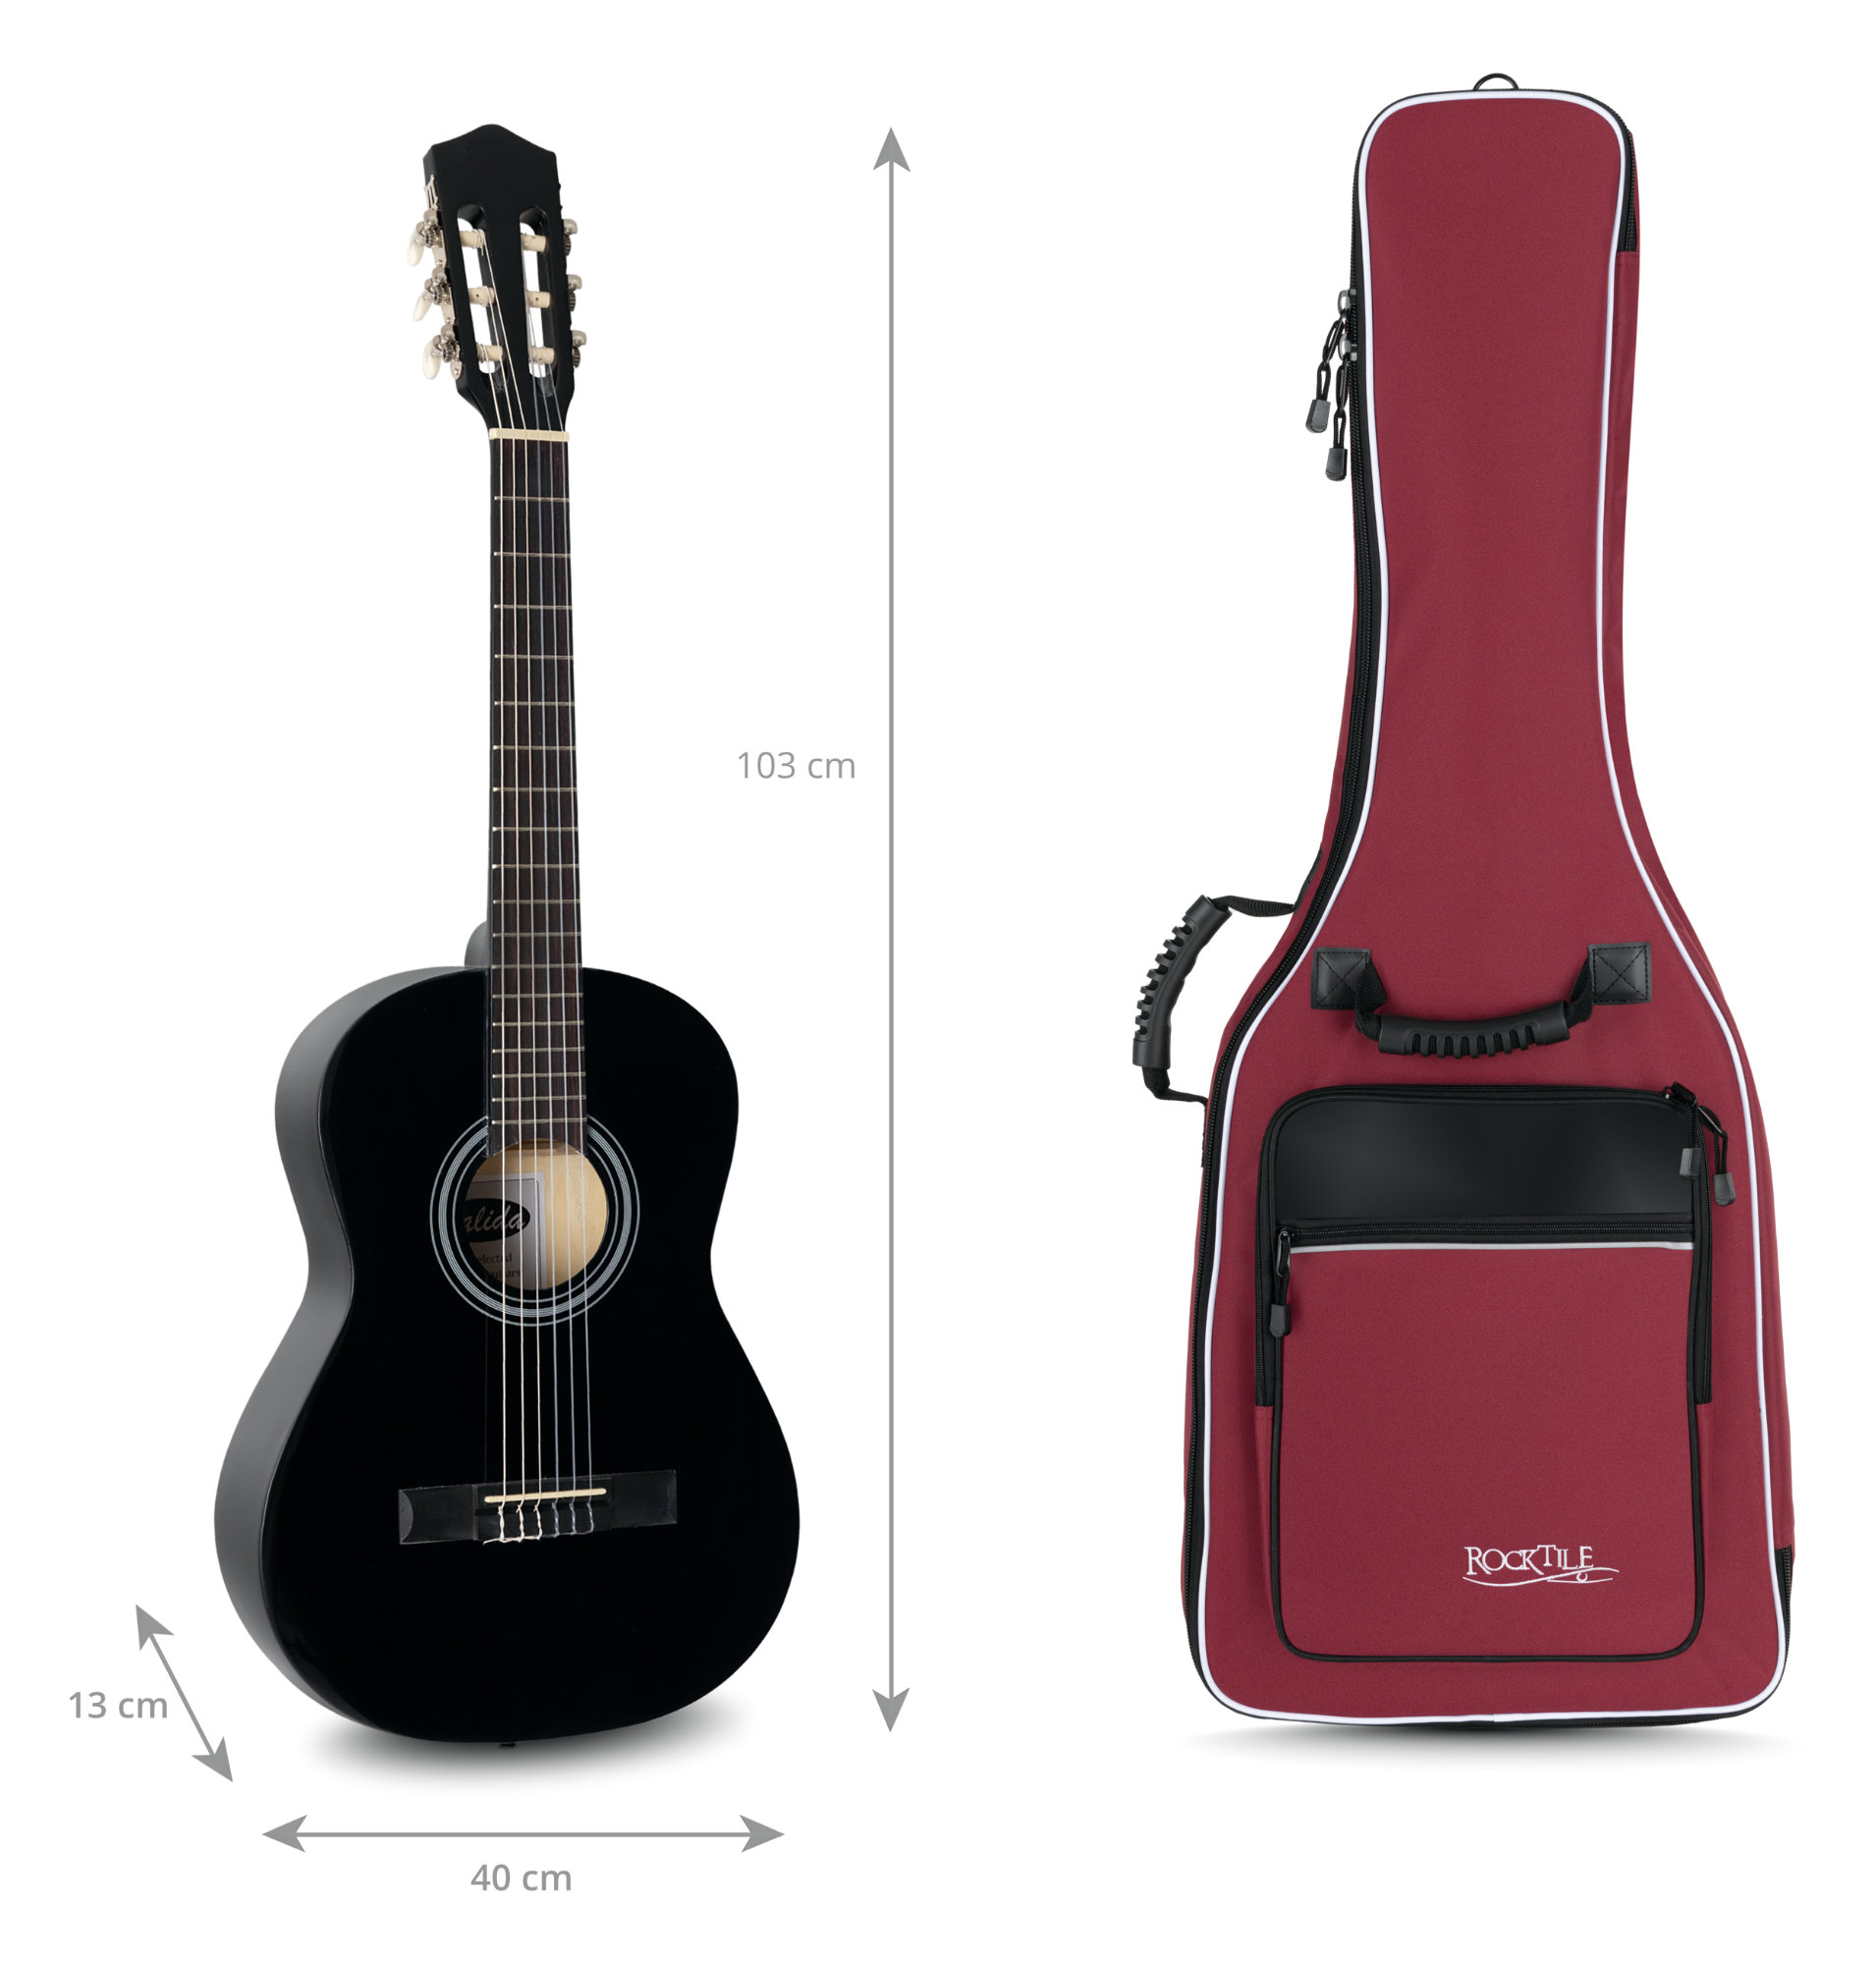 Rocktile custodia semirigida per chitarra con tracolle a zaino